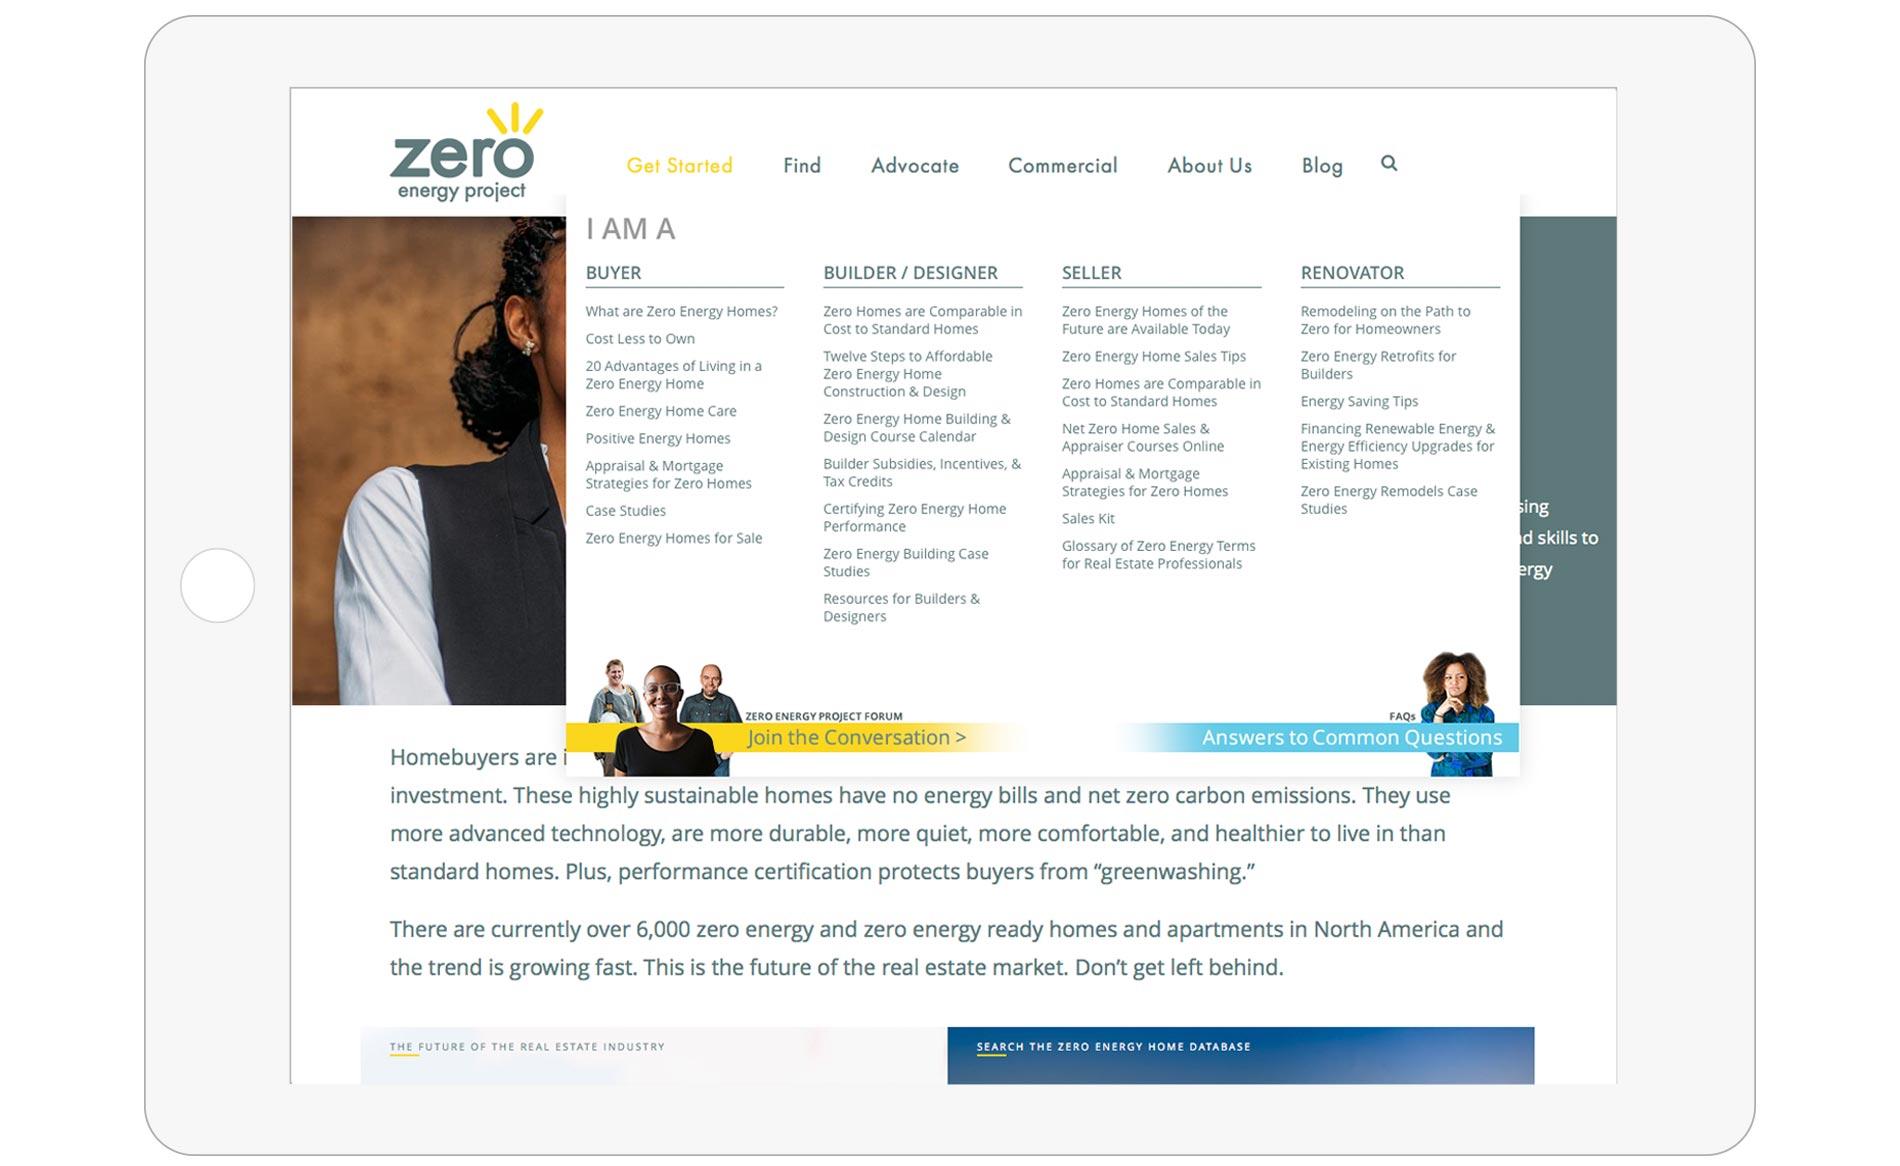 Zero Energy Project - Website Design - Navigation